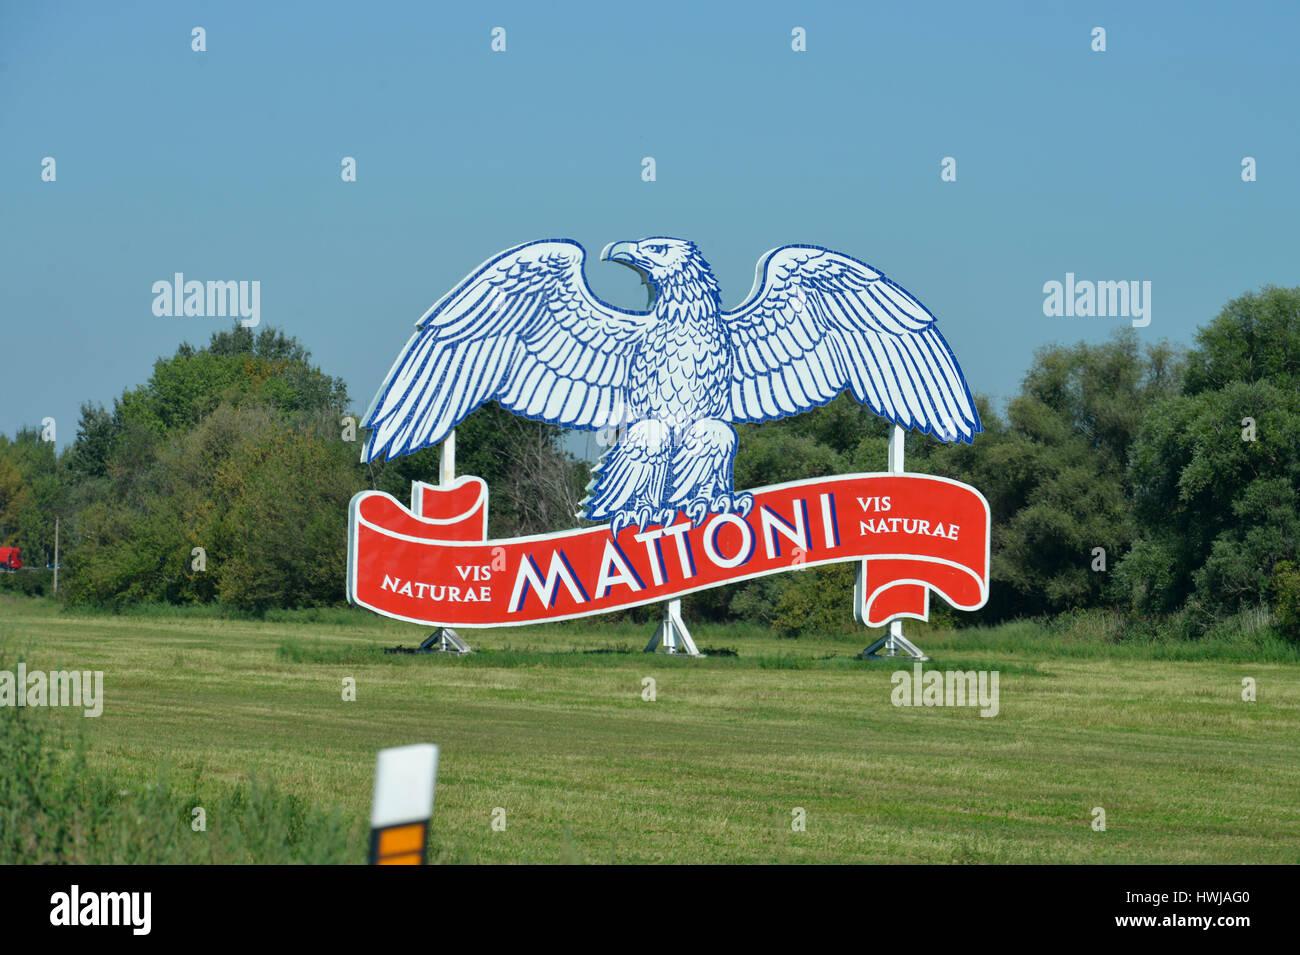 Werbung Mattoni Mineralwasser, Tschechien - Stock Image